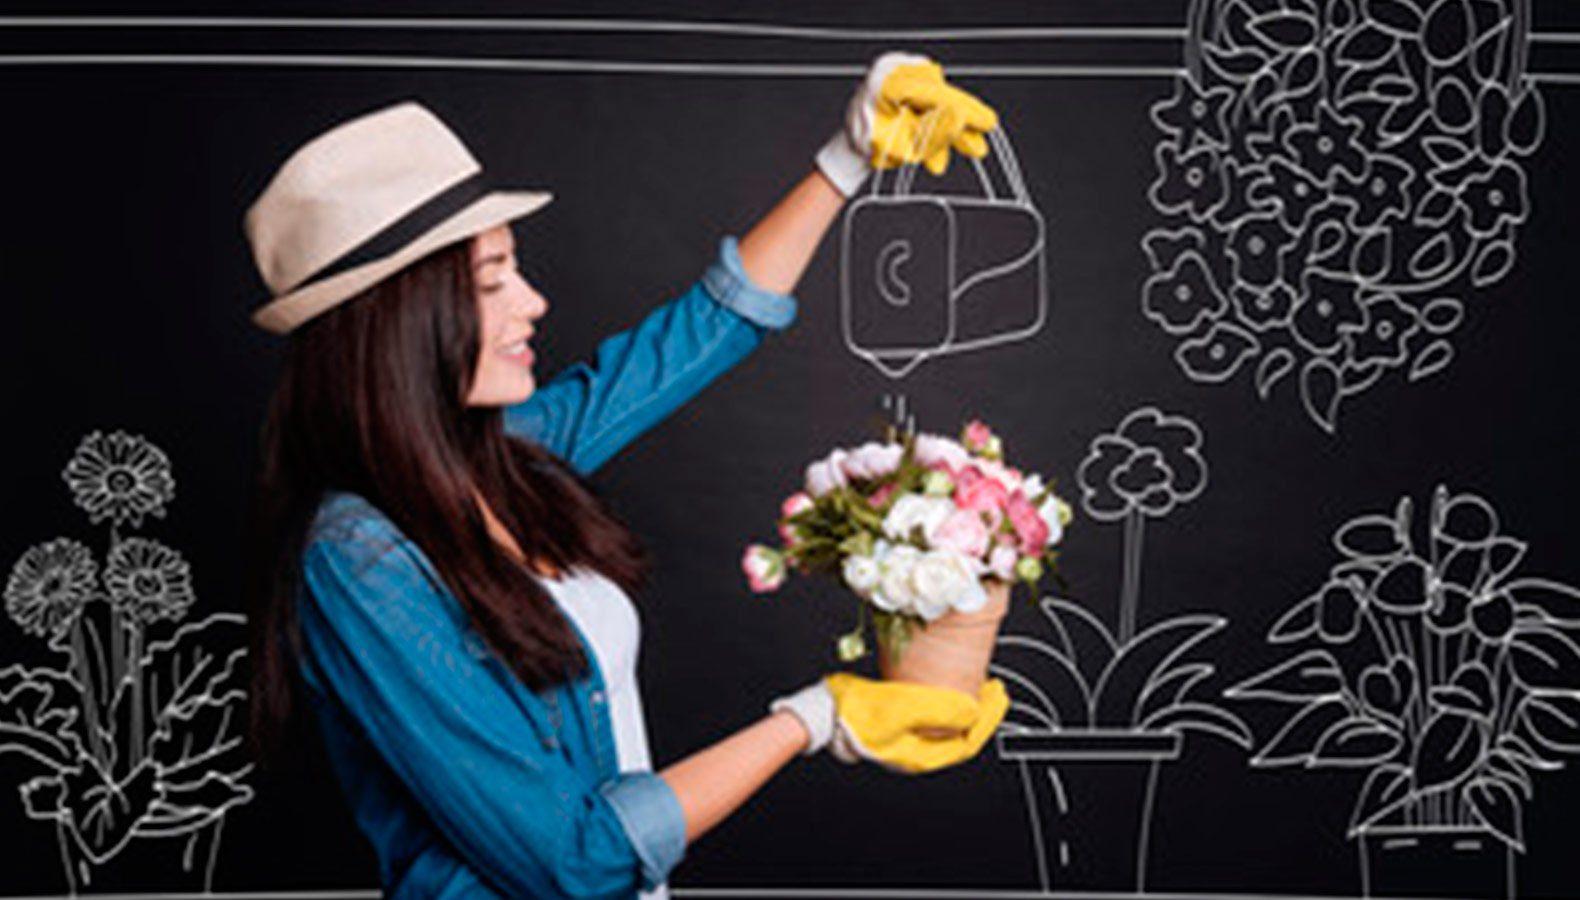 Floristin tut so, als würde sie Pflanzen mit einer an die Kreidetafel gemalten Gießkanne gießen